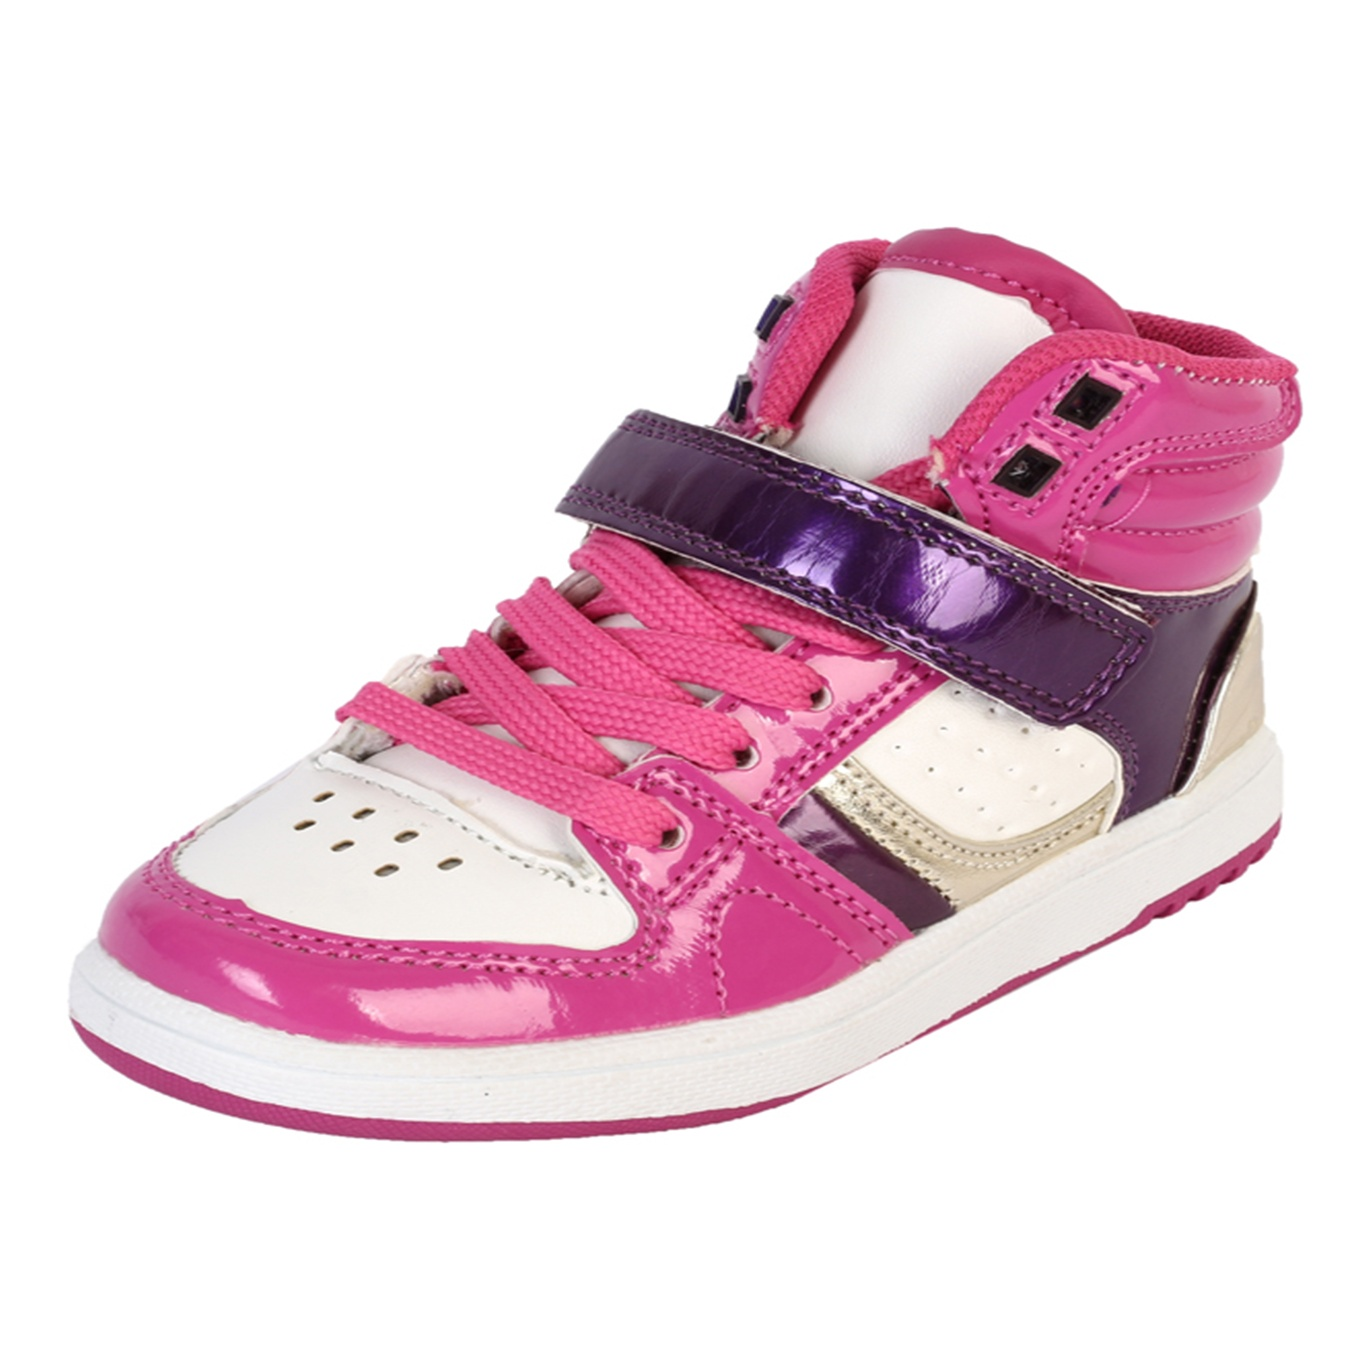 کفش بچگانه جیمو مدل 1129